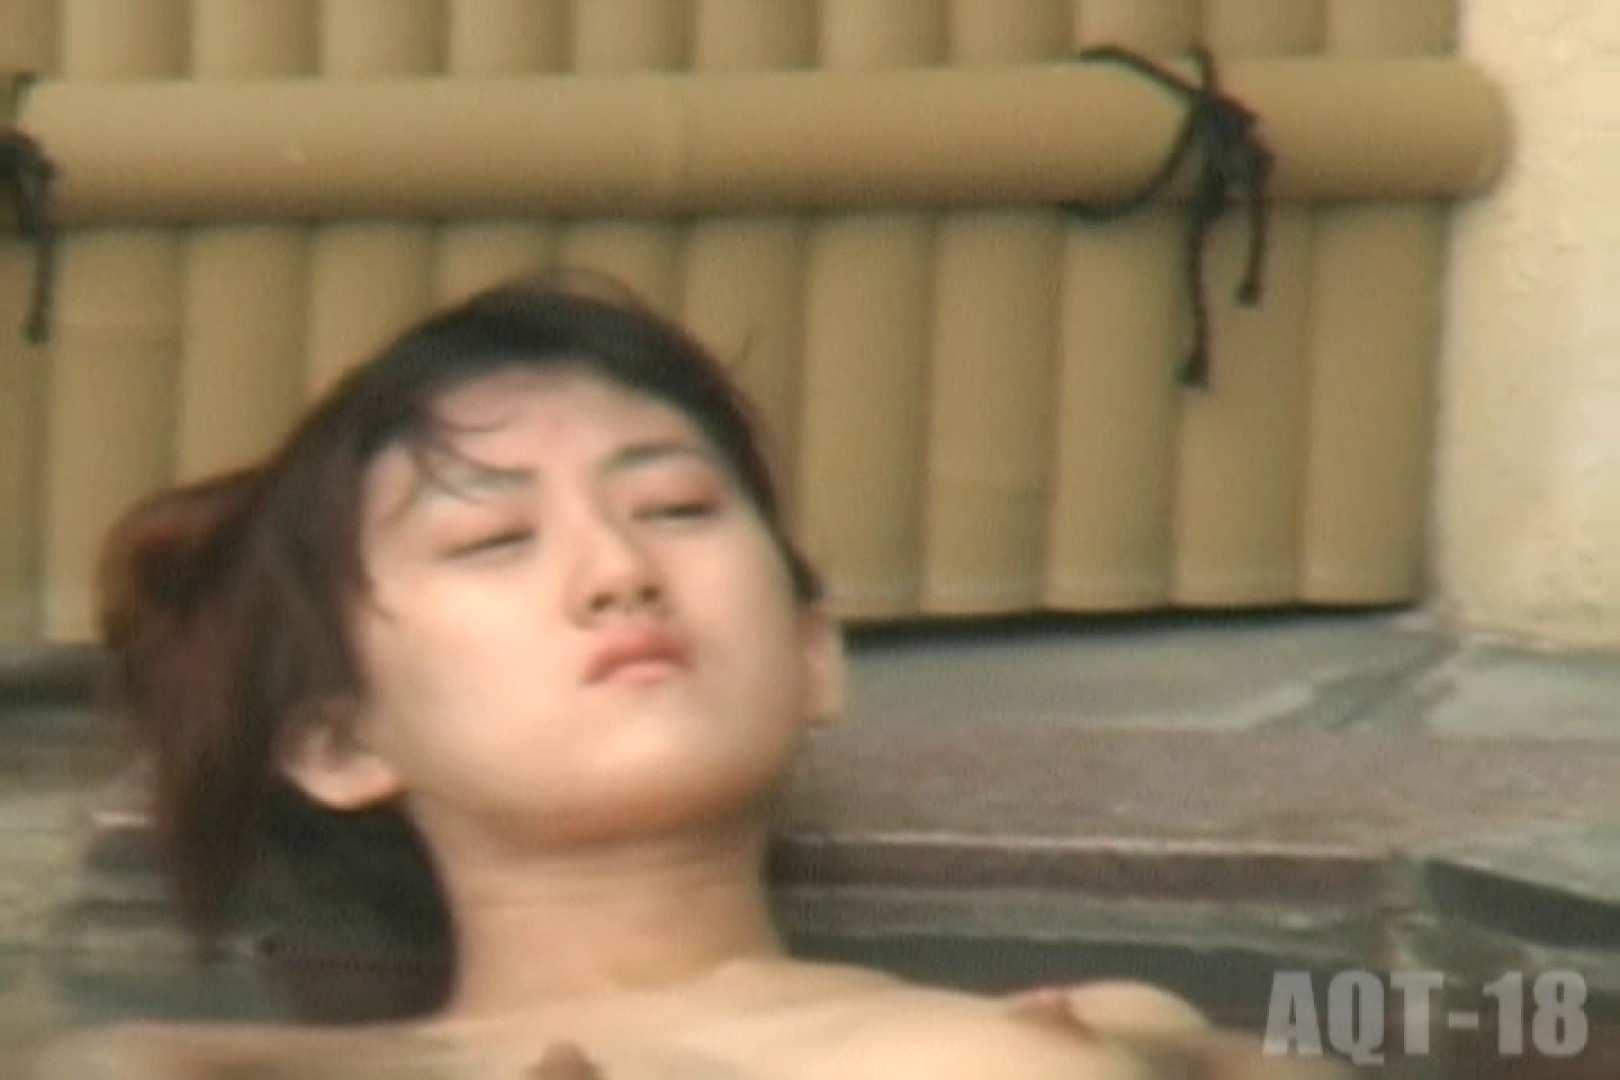 Aquaな露天風呂Vol.862 露天   OLエロ画像  92PICs 61